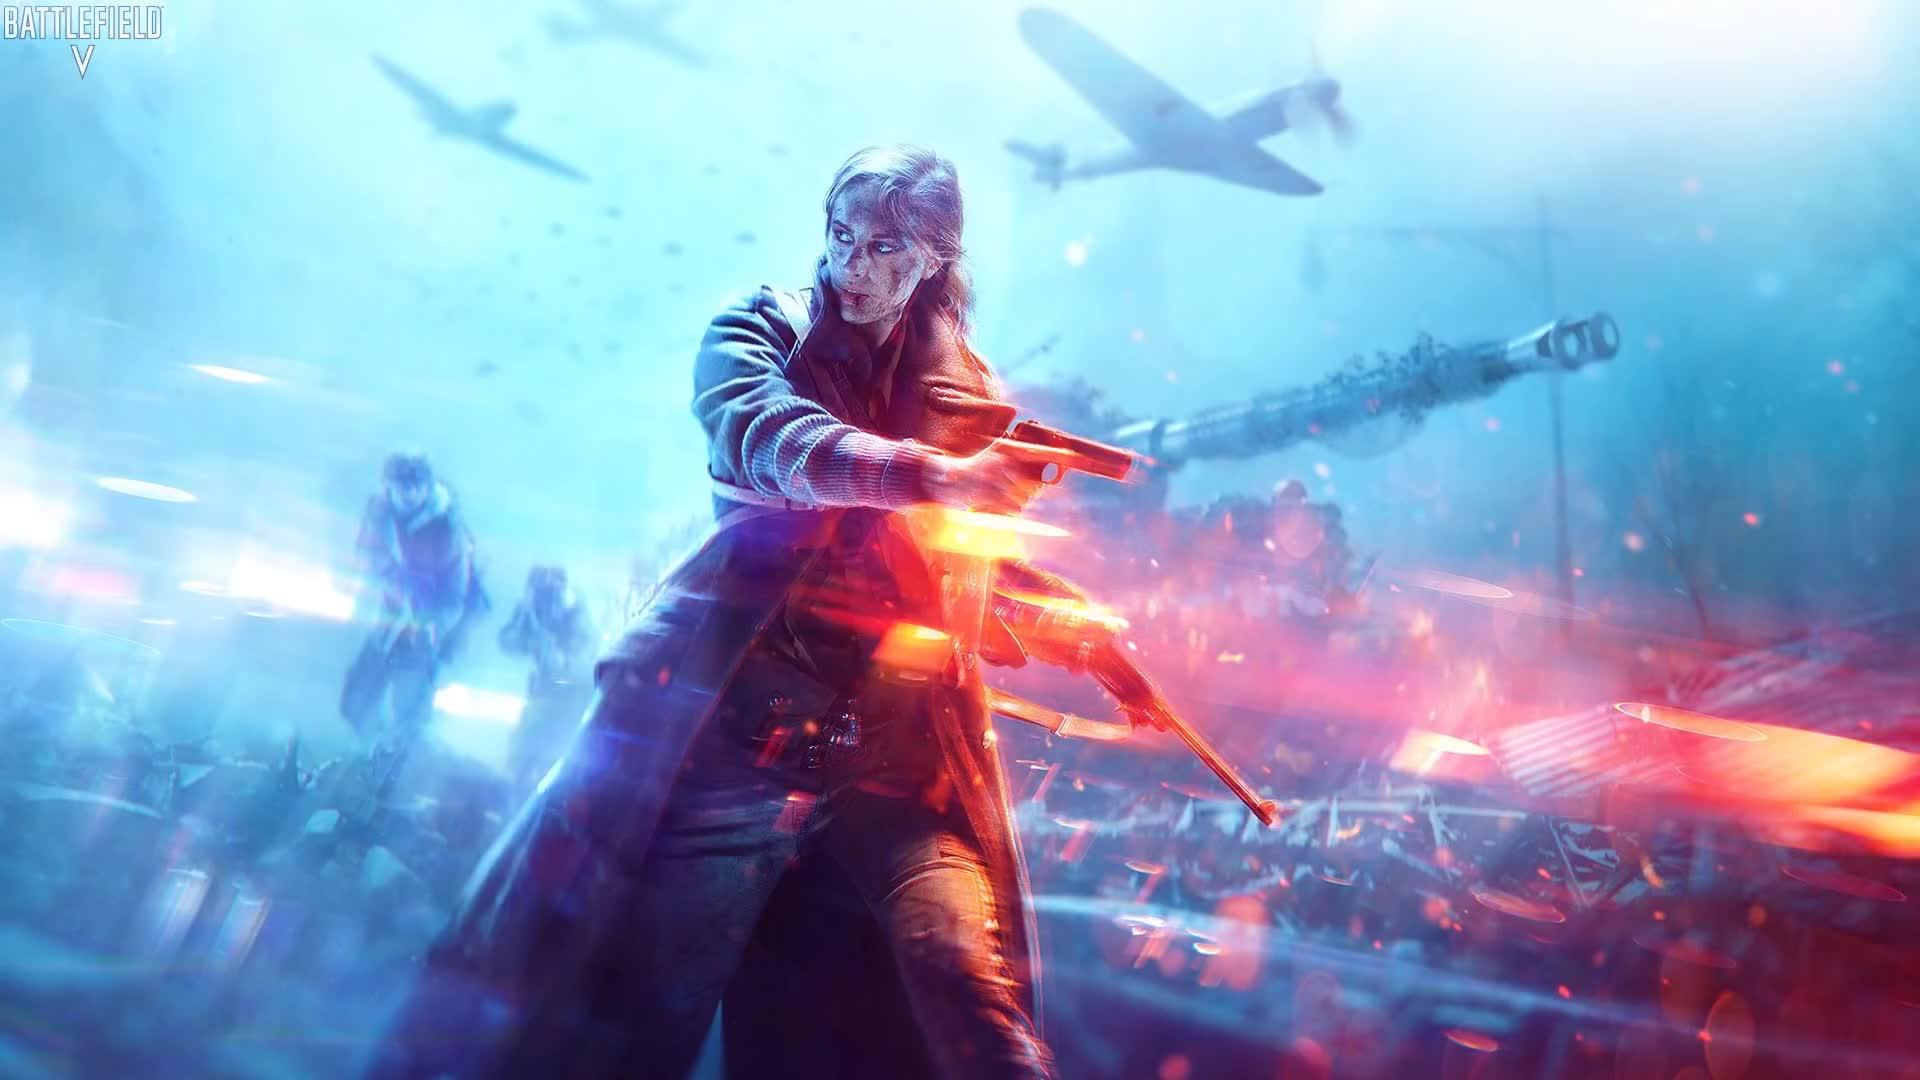 ¡Esto es Battlefield V! EA y DICE presentan todo lo que podremos encontrar en el juego